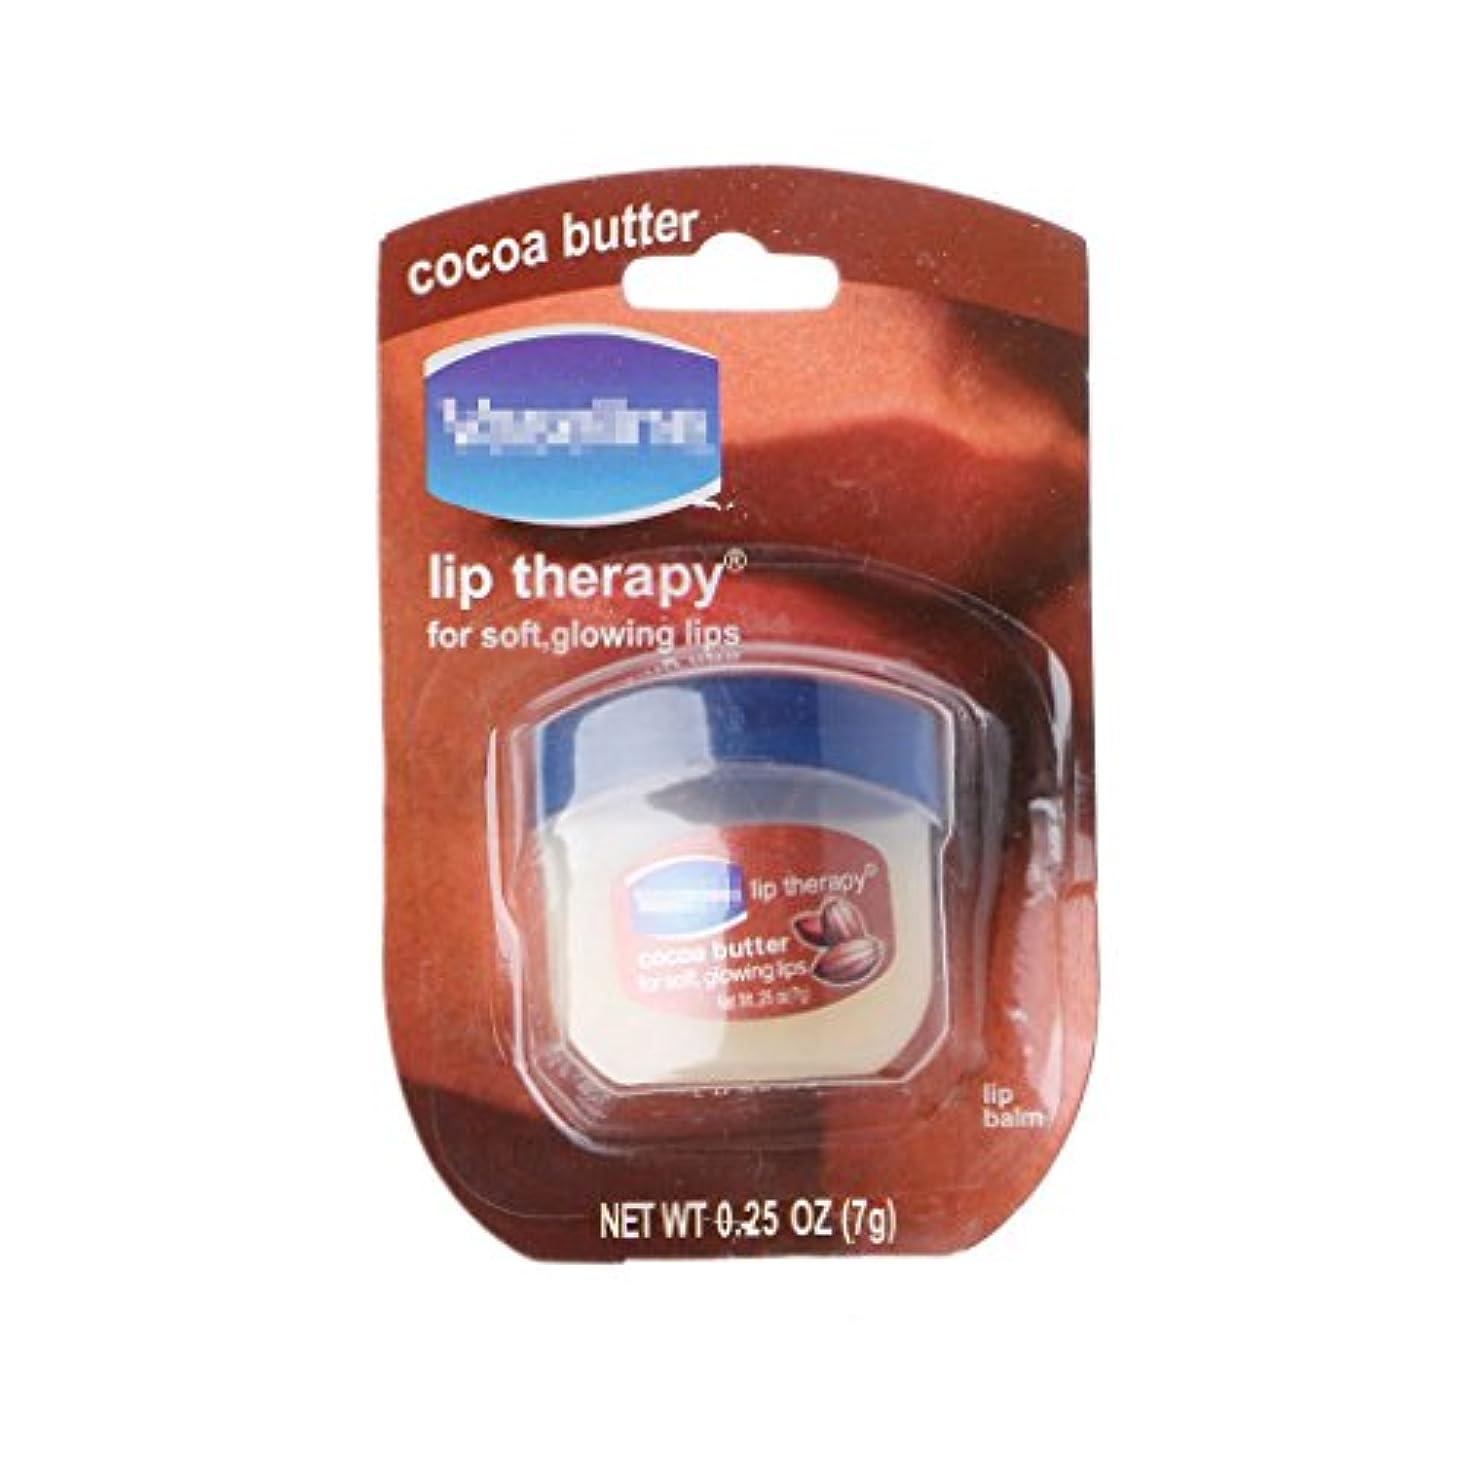 そのような有効化ハンサムManyao 身体の顔のための純粋な石油ゼリースキンプロテクターモイスチャライザーワセリンクリーム (NO.1)